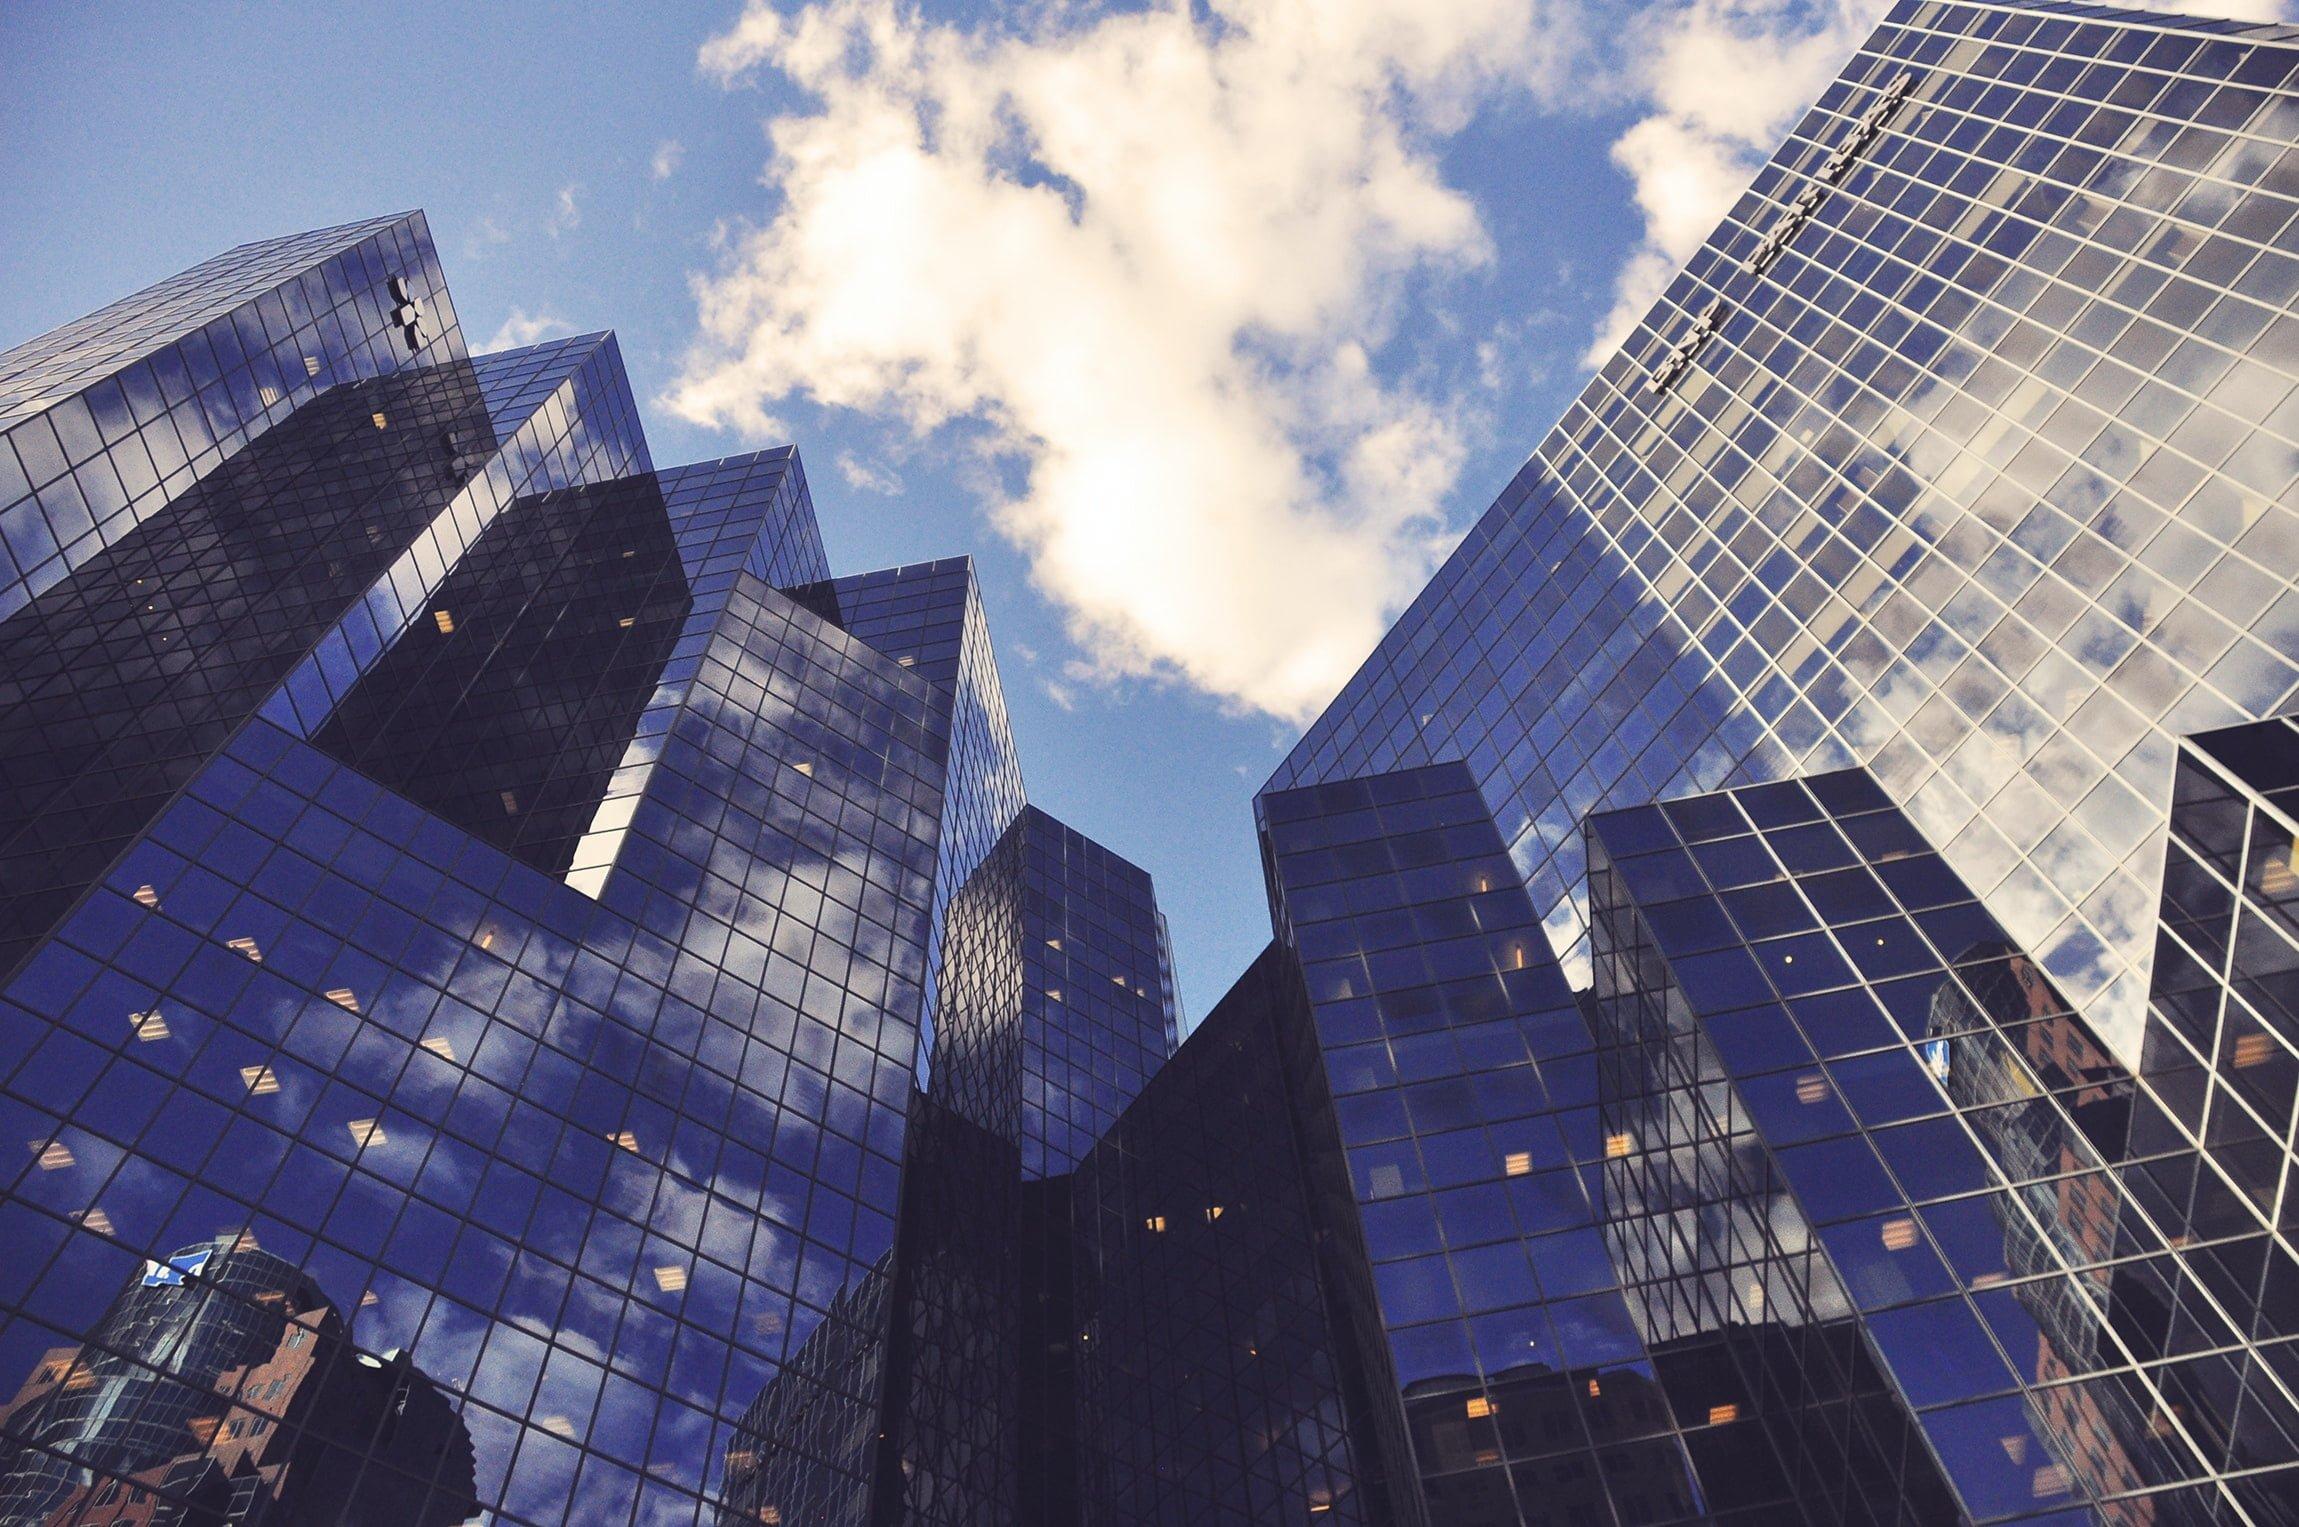 Tarcza finansowa dla dużych firm z akceptacją Komisji Europejskiej